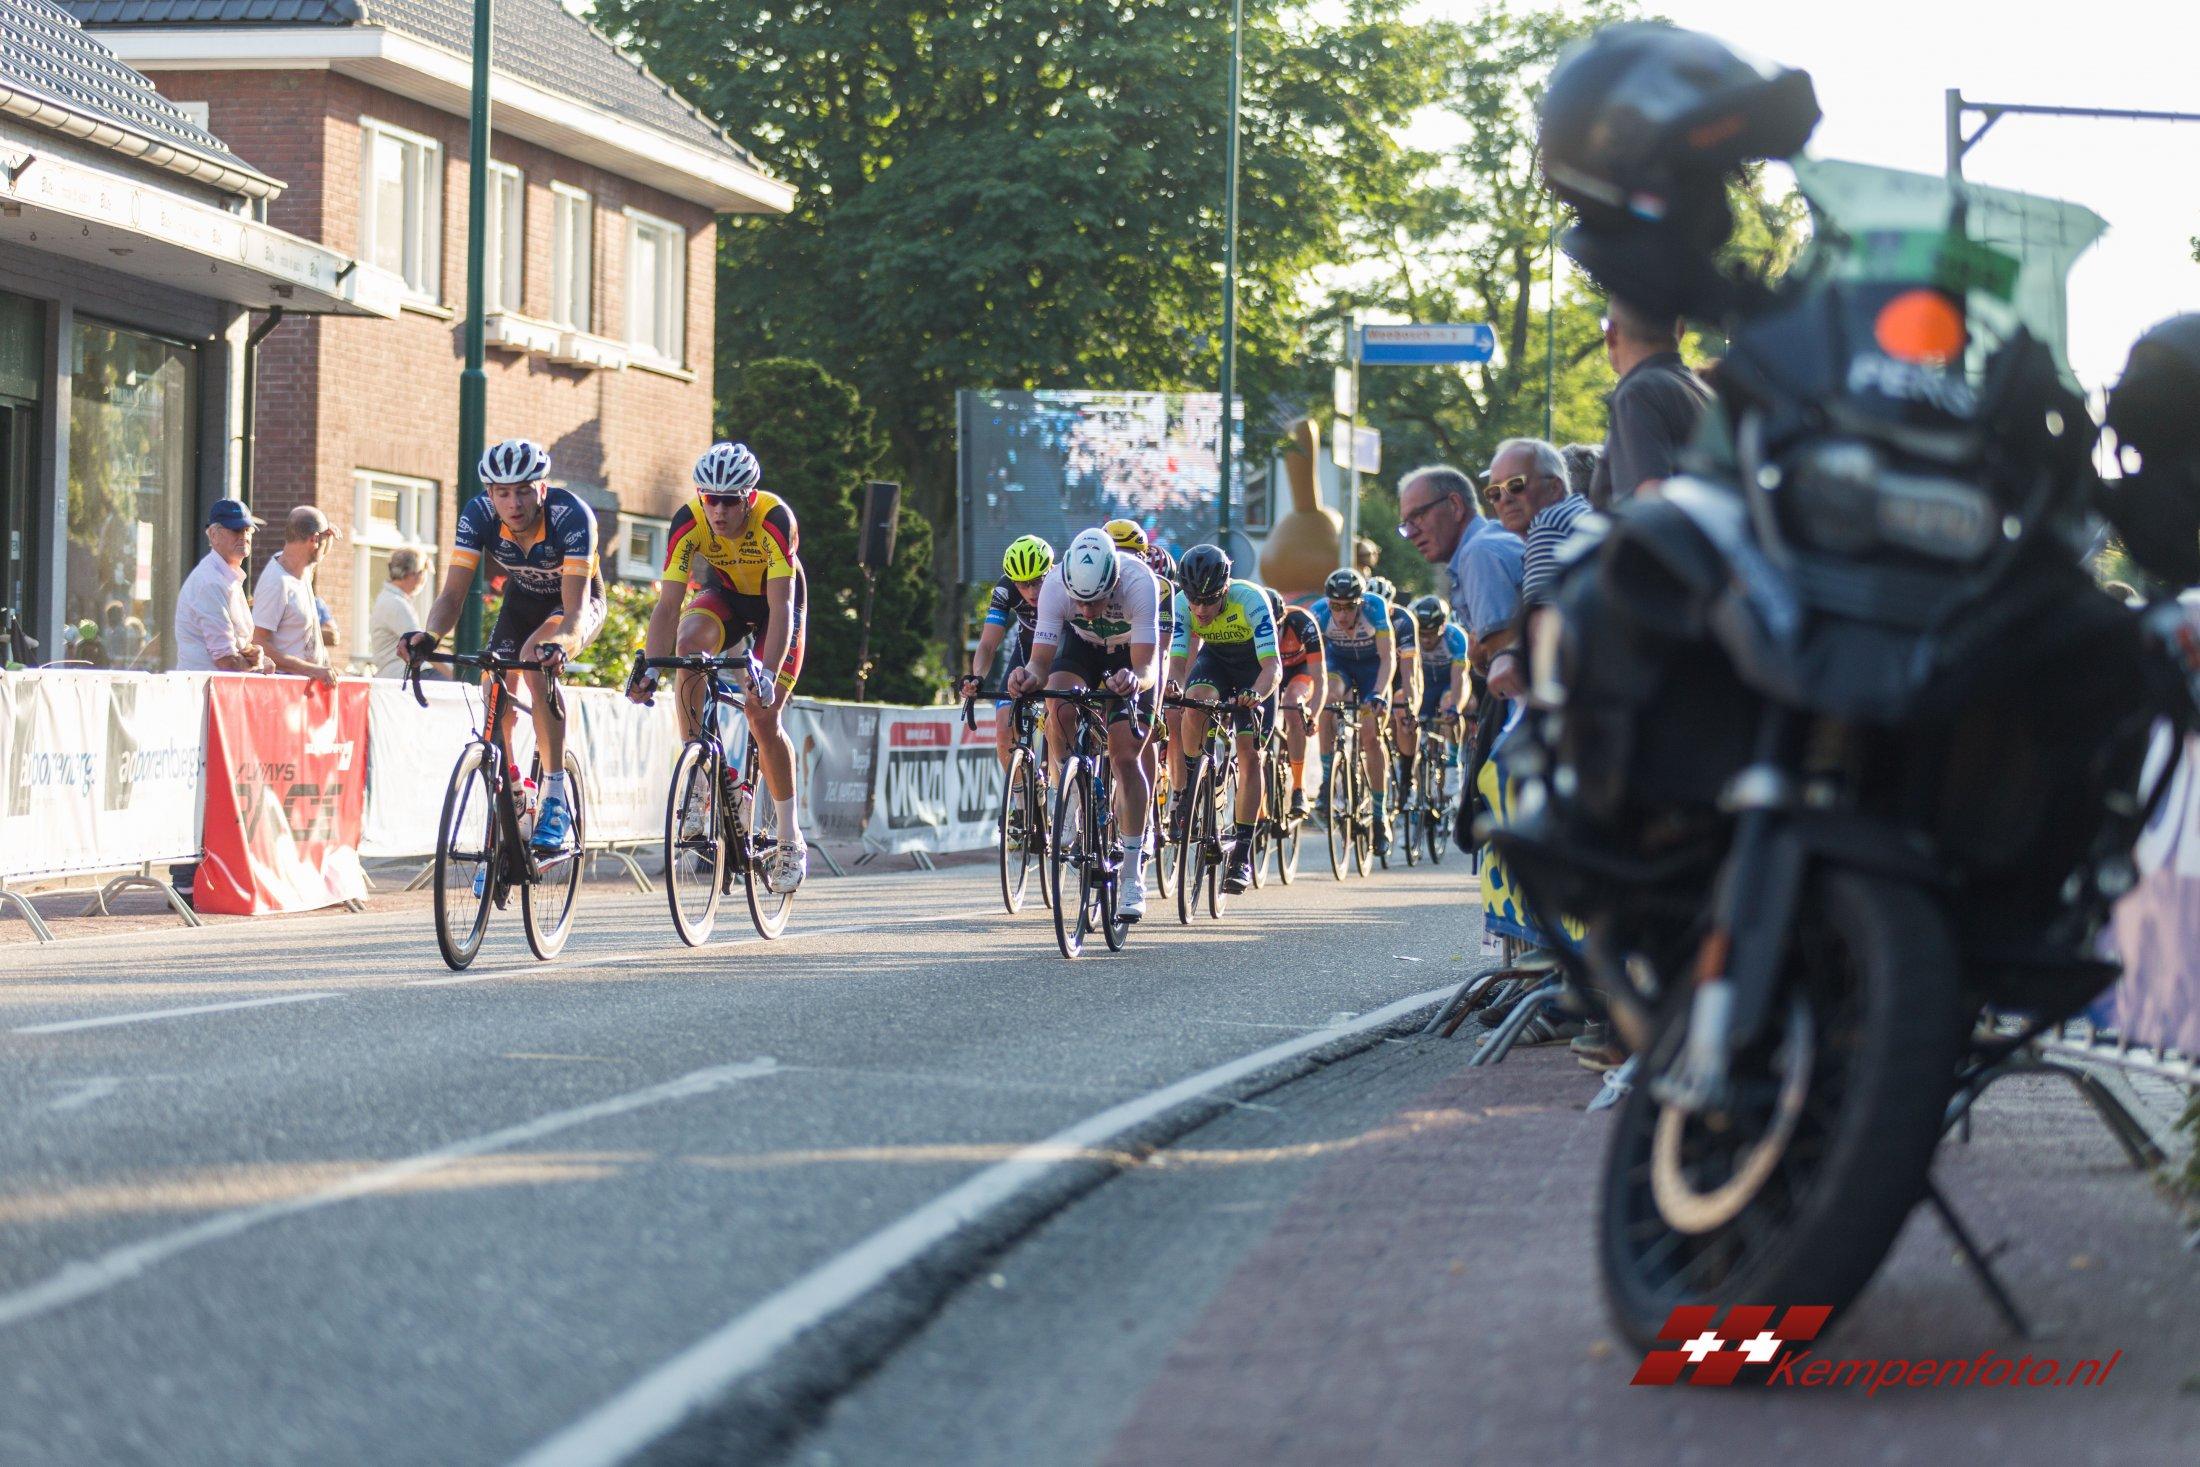 Kempenklassement Luijksgestel 70-200 (4 Van 17)